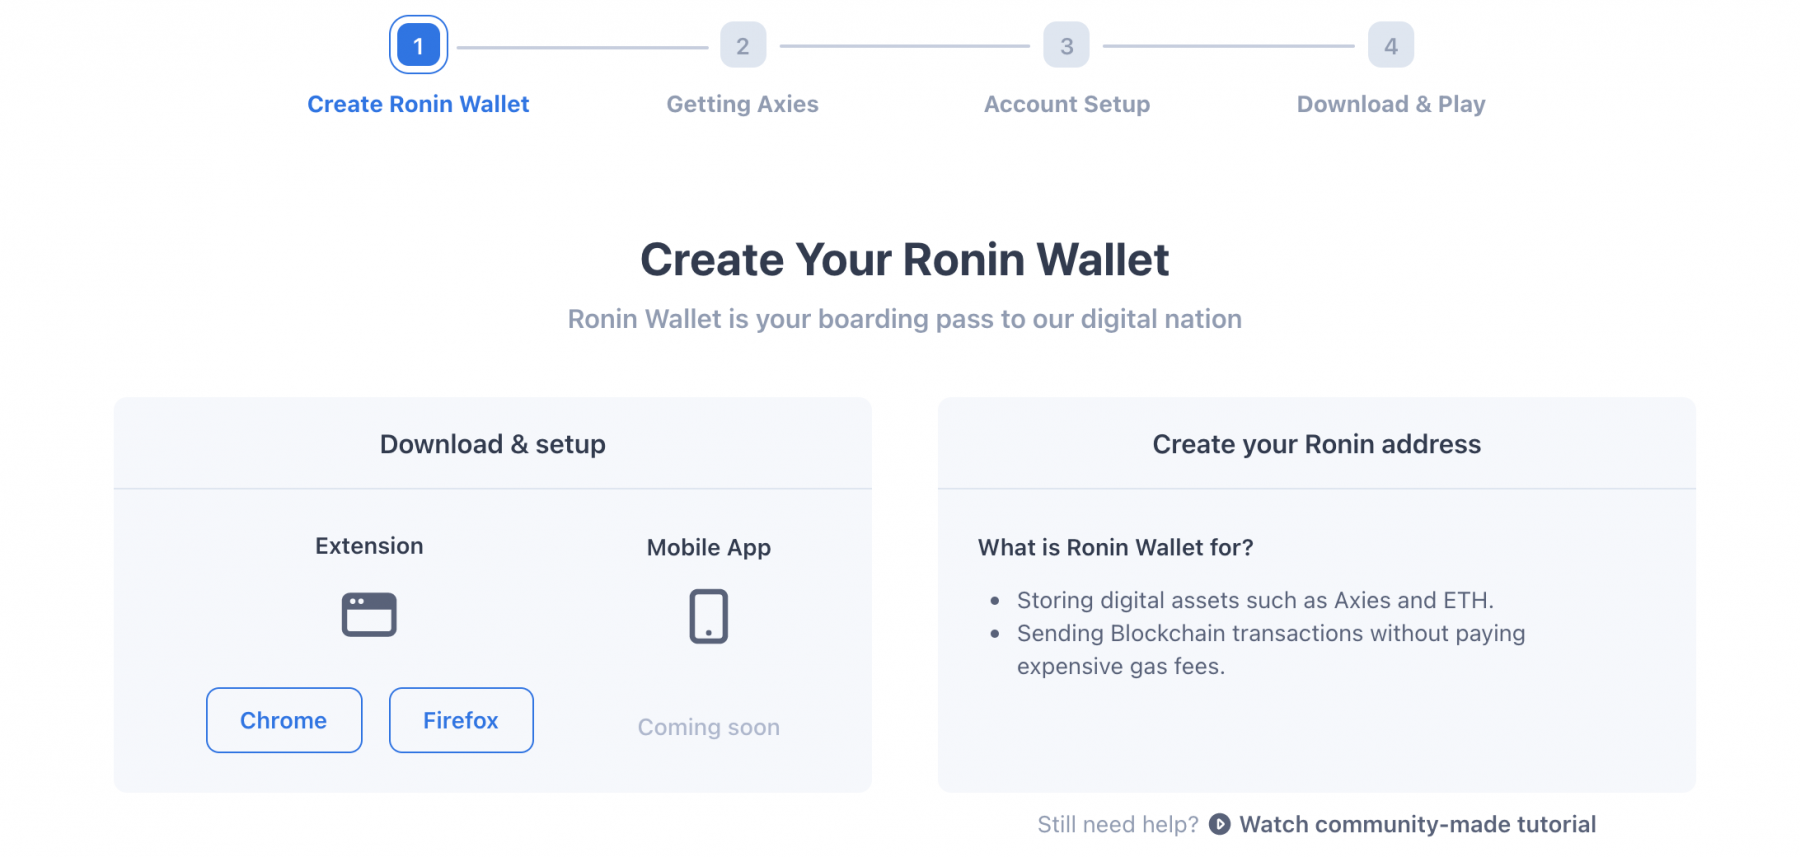 Schritt 1: Das Ronin Wallet erstellen